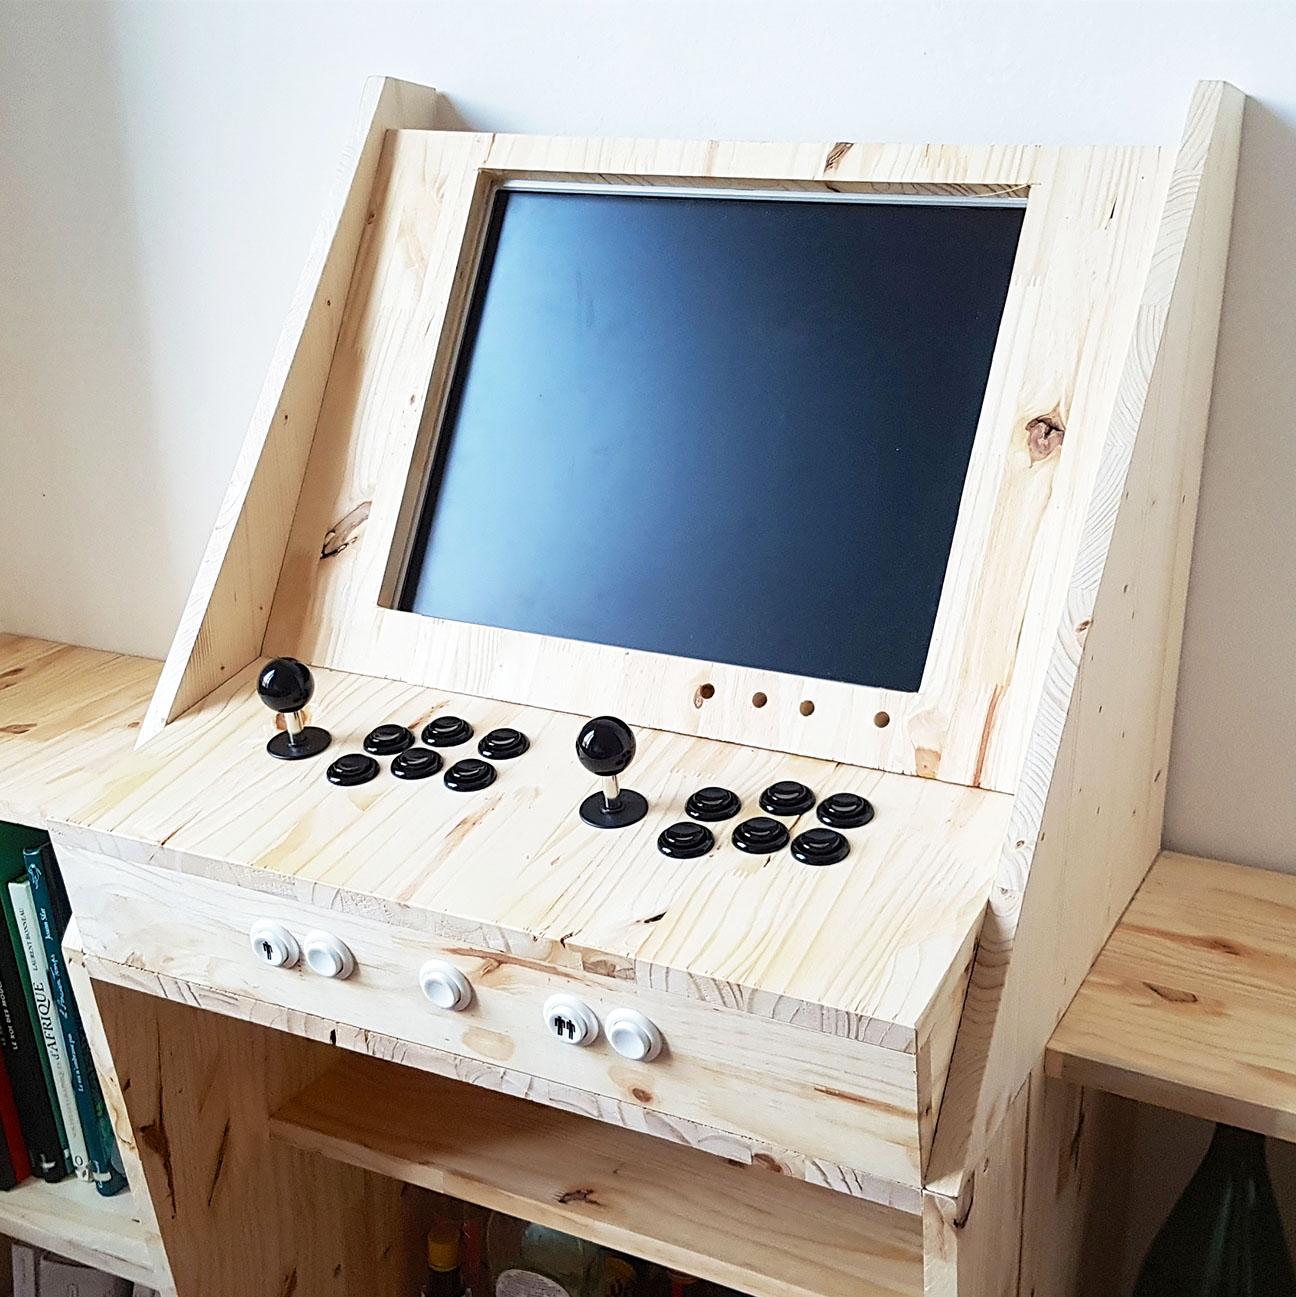 Création DIY d'une borne d'arcade combinant jeux vidéo, bar et bibliothèque. Une interprétation moderne et très personnelle de la borne d'arcade.